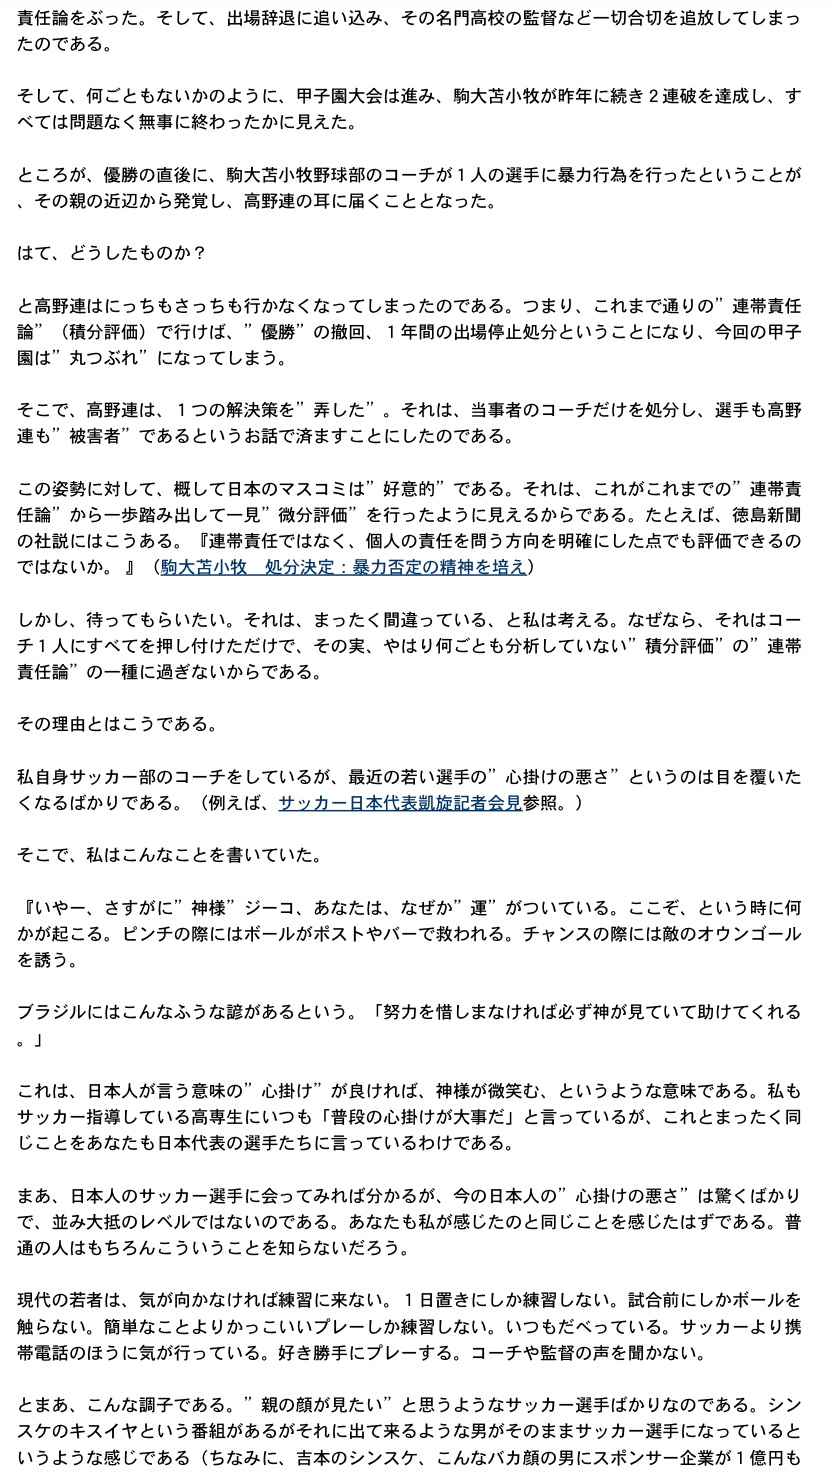 「高野連はつぶそう!」:今年も甲子園の審判はひどかった!「ルールはルール!」_e0171614_12272789.jpg